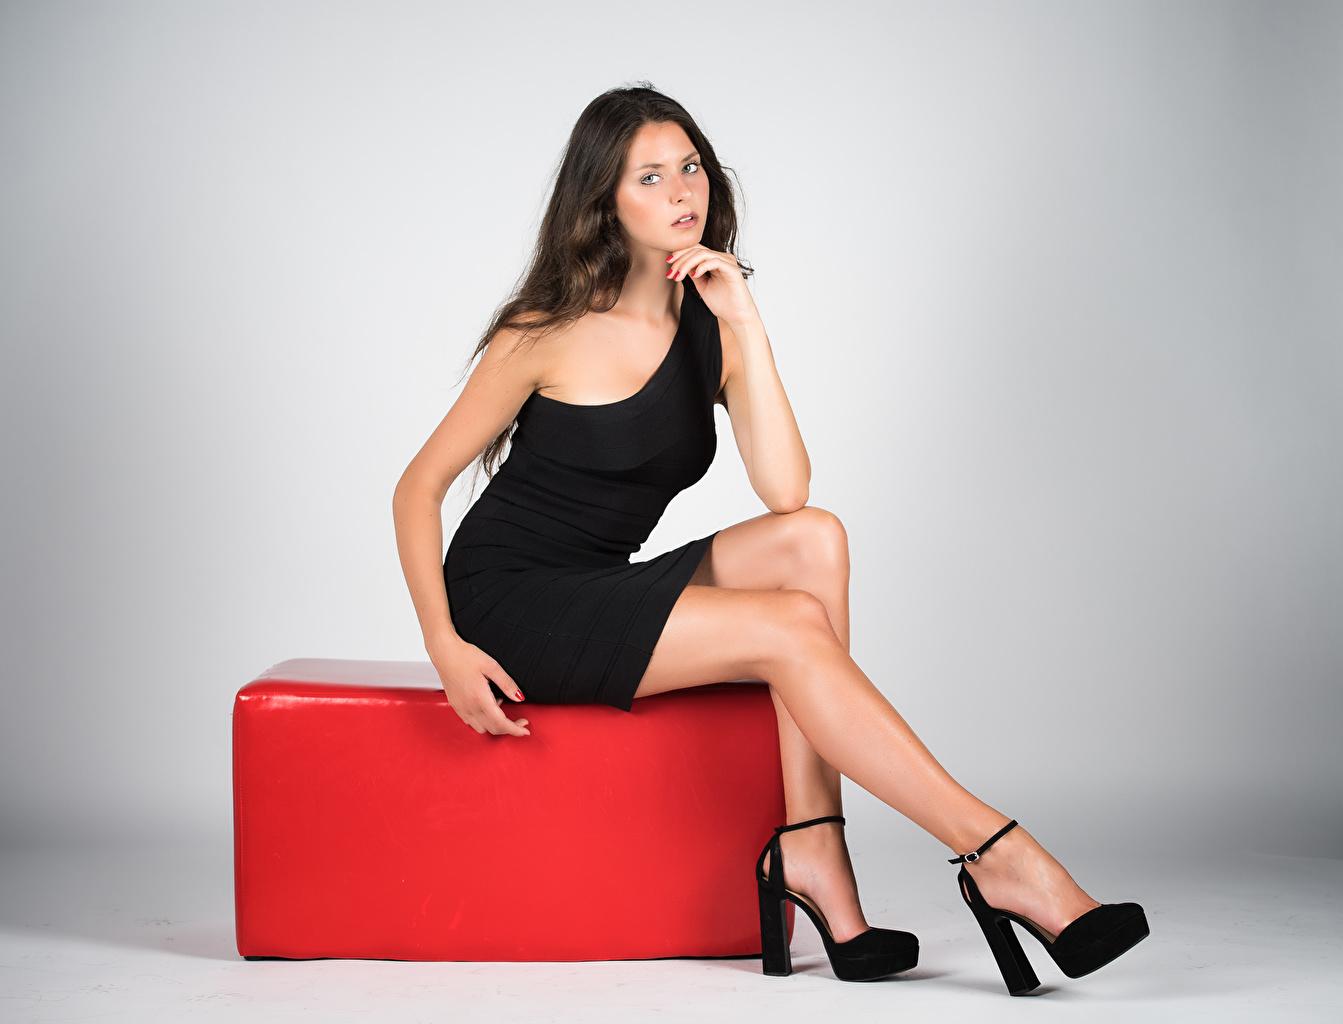 Фотография фотомодель Margherita Поза Девушки ног Сидит смотрят платья Модель позирует девушка молодая женщина молодые женщины Ноги сидя сидящие Взгляд смотрит Платье